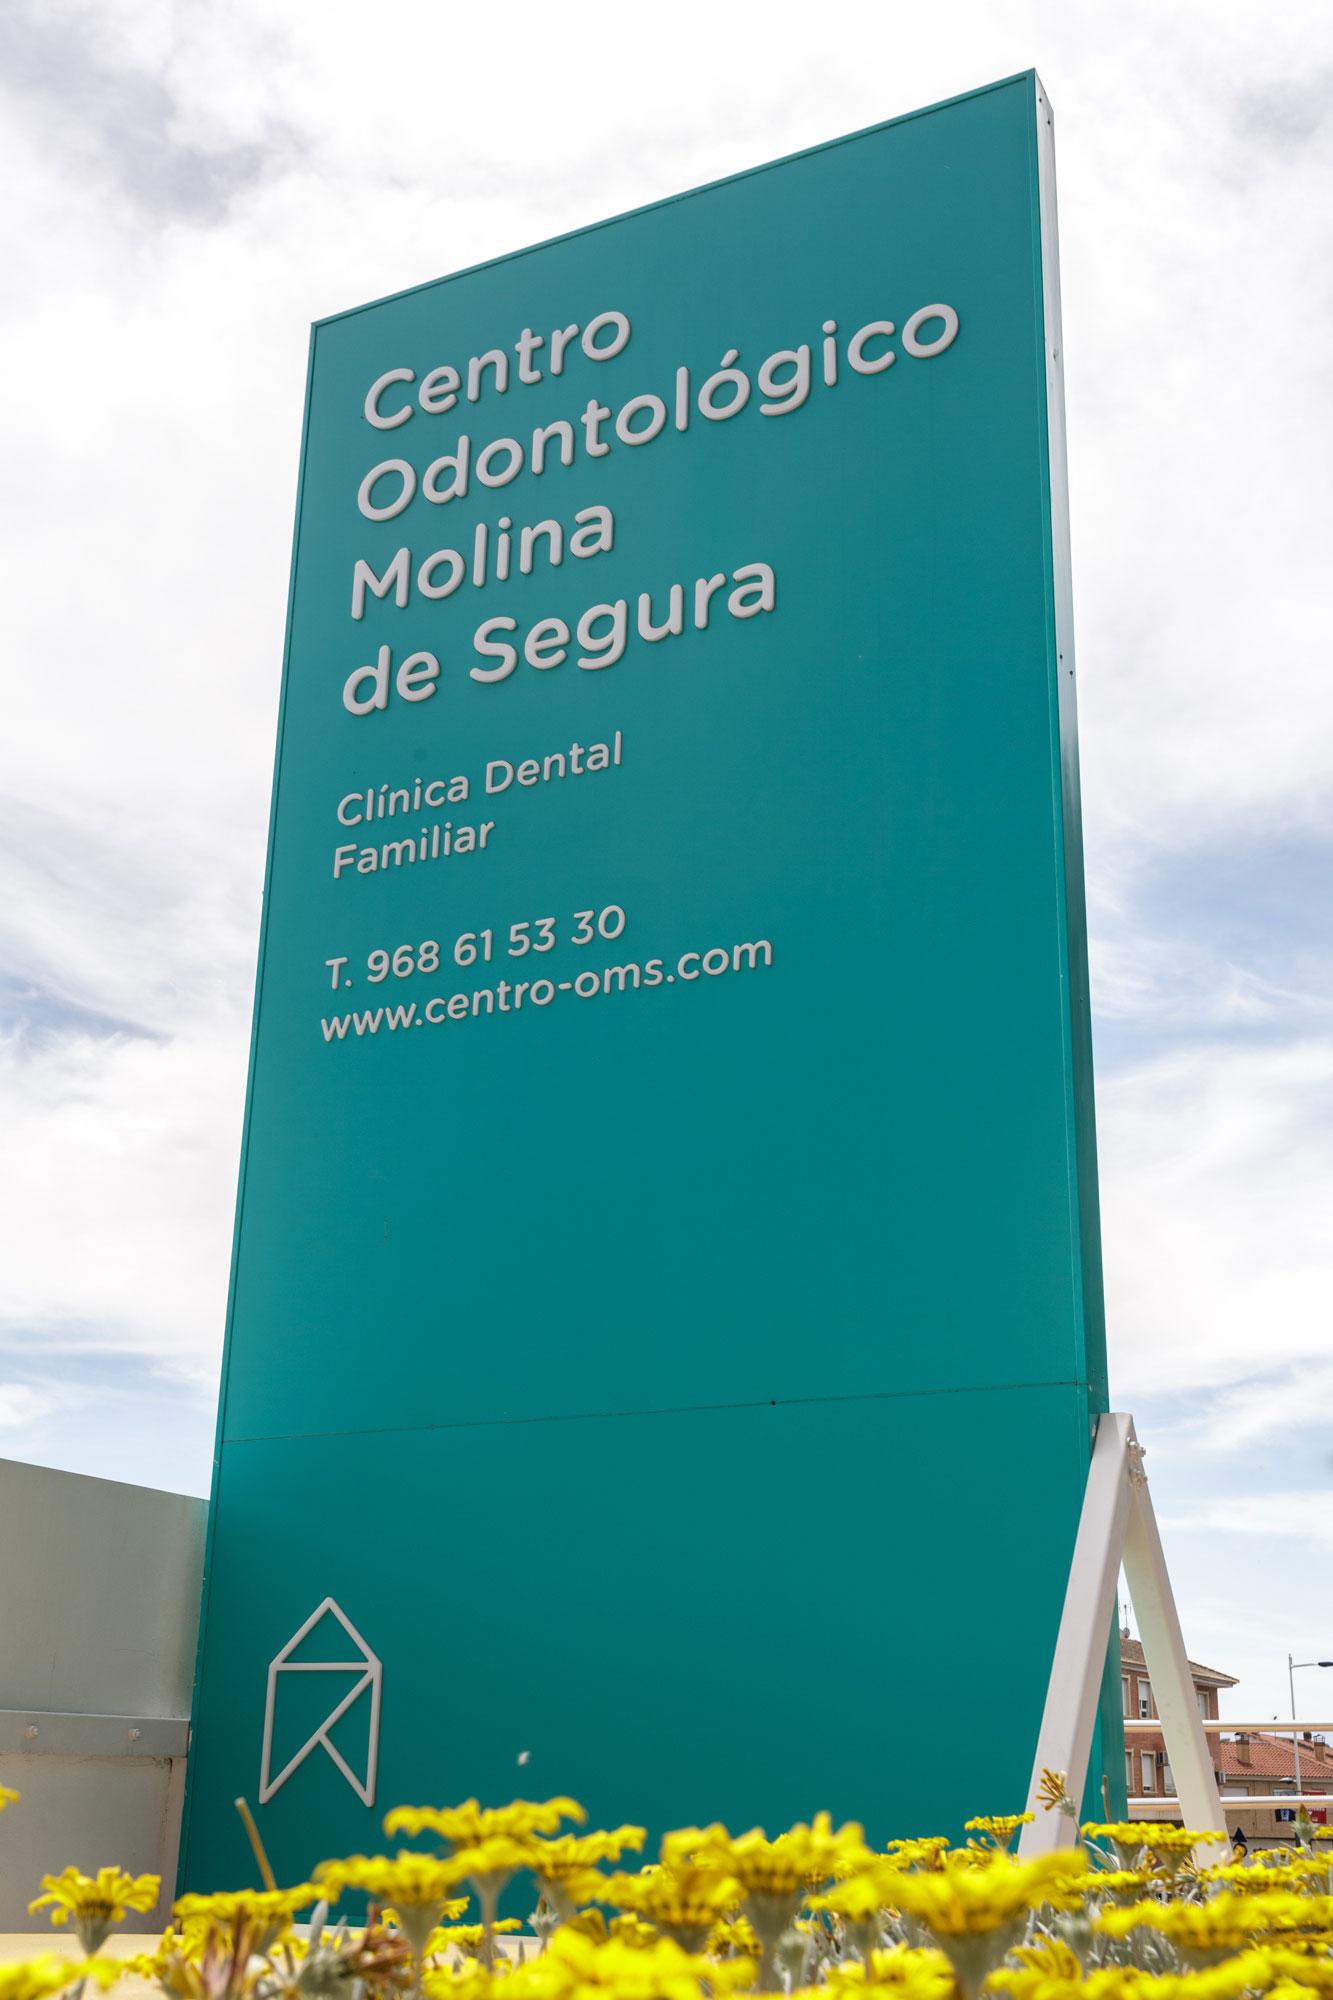 CENTRO ODONTOLÓGICO MOLINA DE SEGURA, S.L.P 7